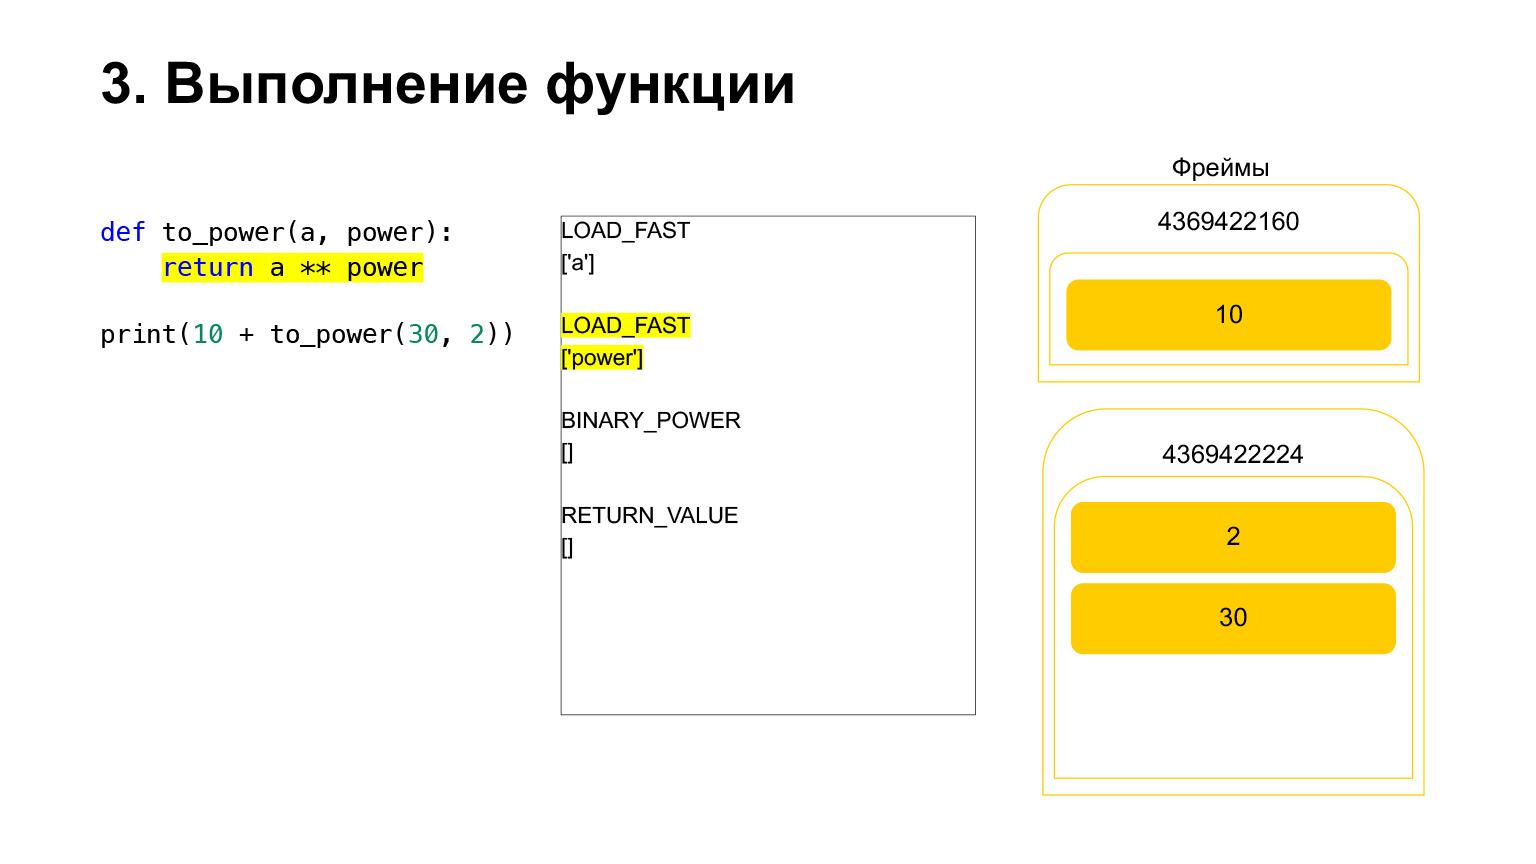 Устройство CPython. Доклад Яндекса - 22